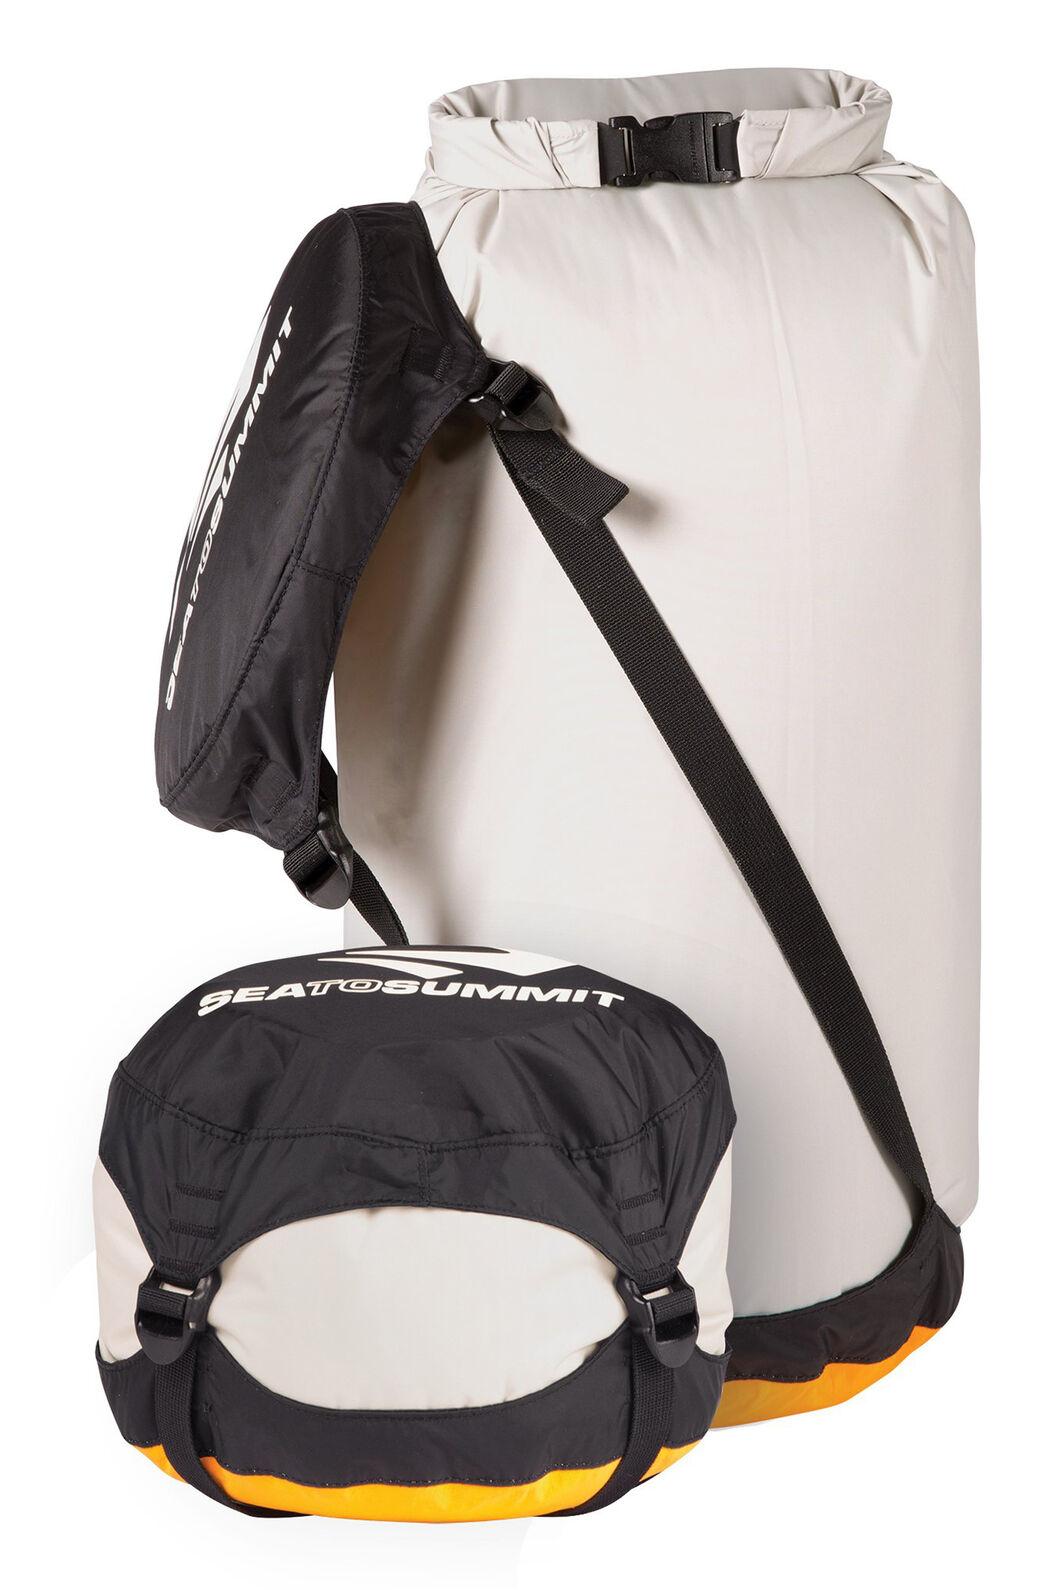 Sea to Summit eVent® Compression Drysack - 20L, None, hi-res